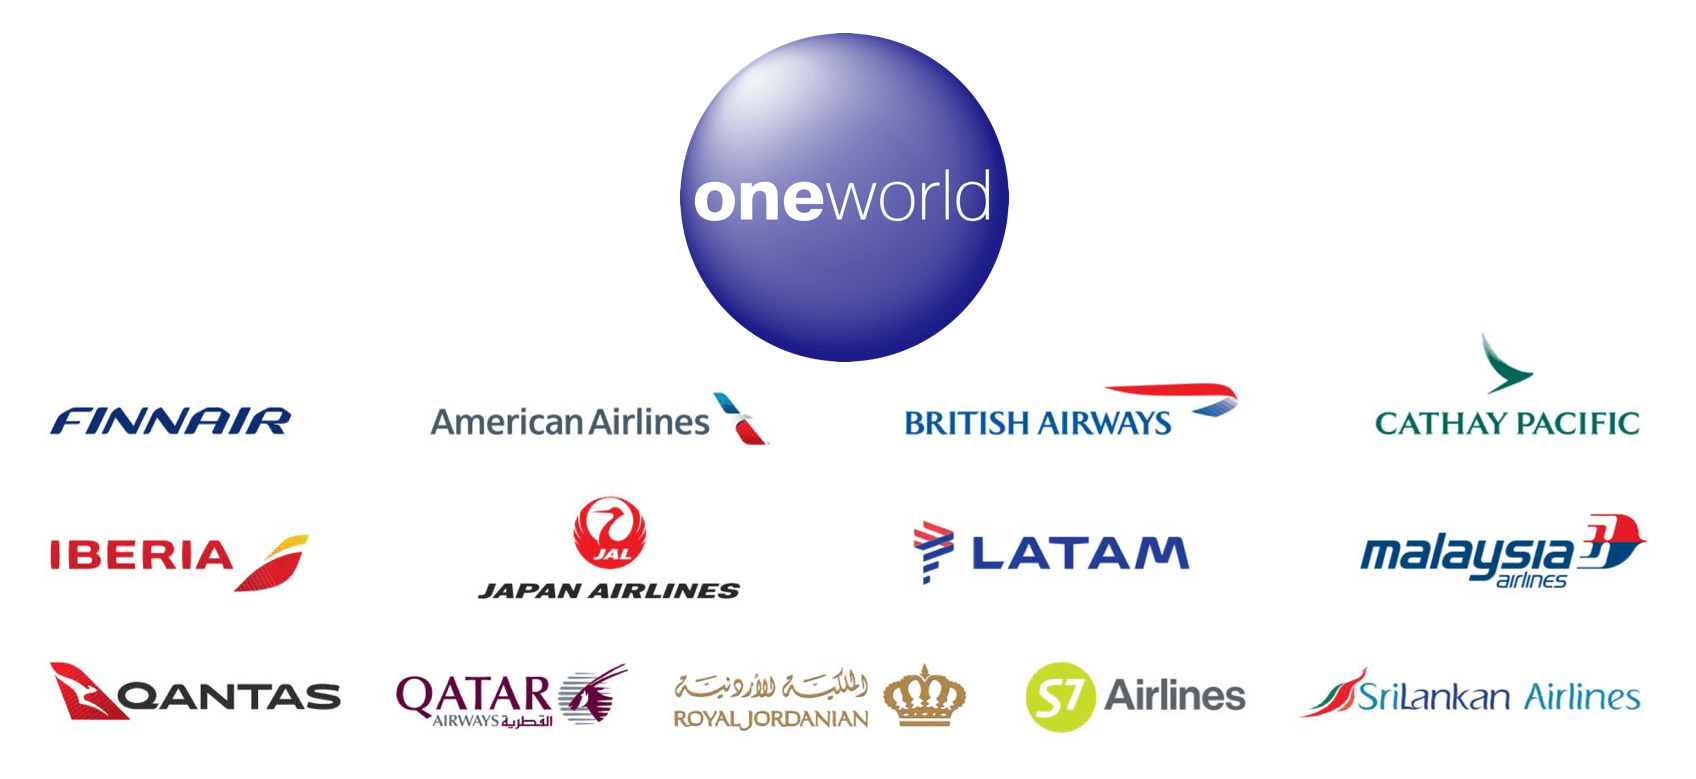 ワンワールド 加盟航空会社